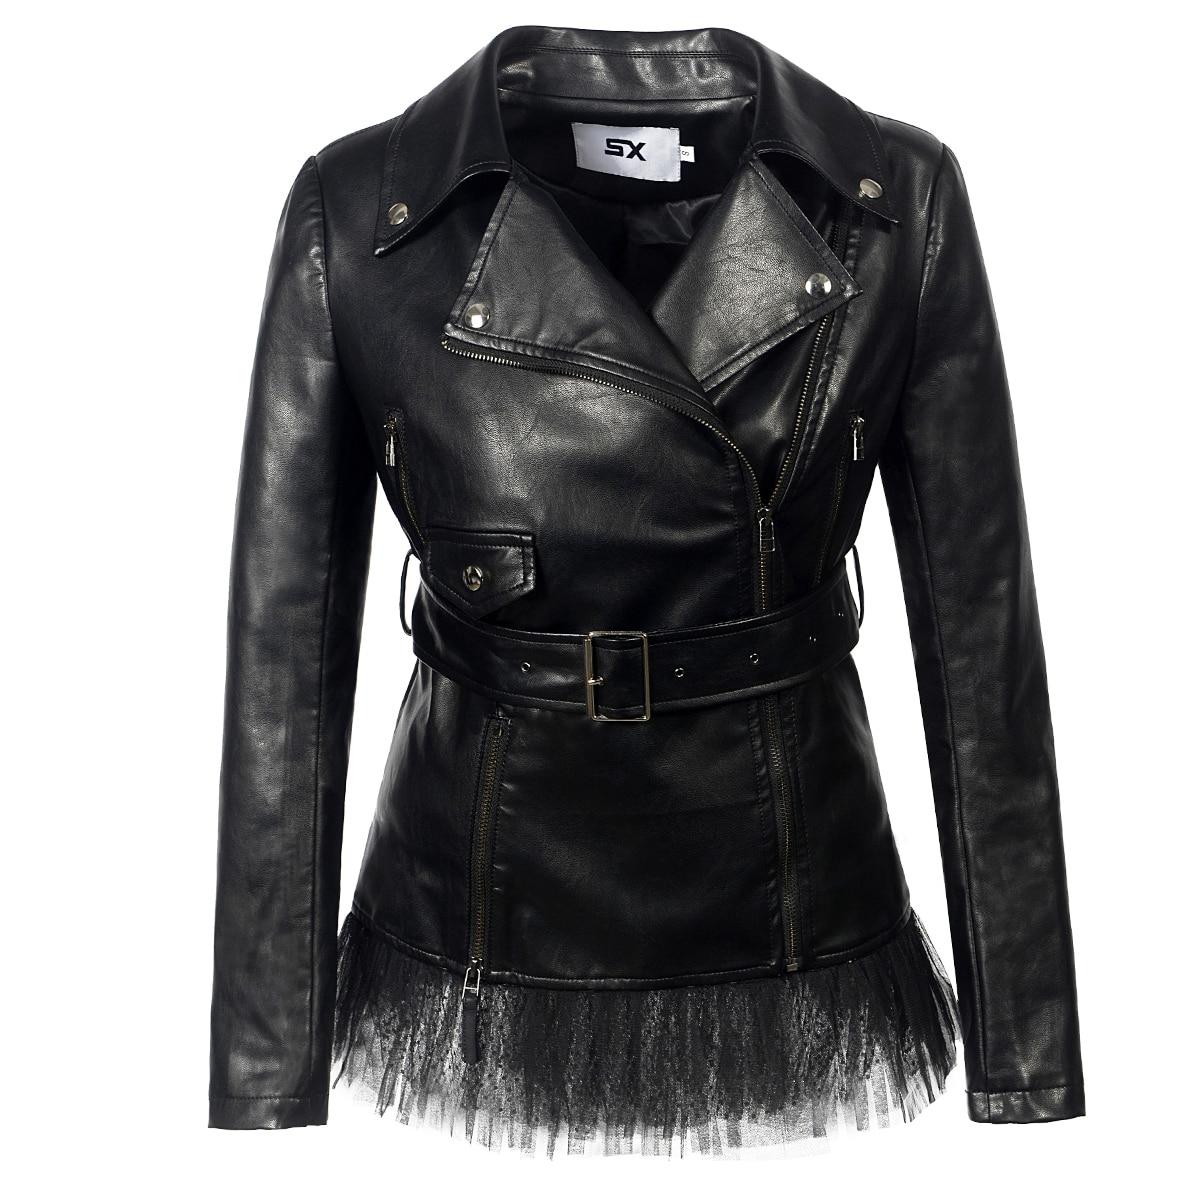 Готический плюс размер шикарные зимние женские Куртки из искусственной кожи повседневные Панк Тонкий Стенд воротник молния рок 2019 пальто ж